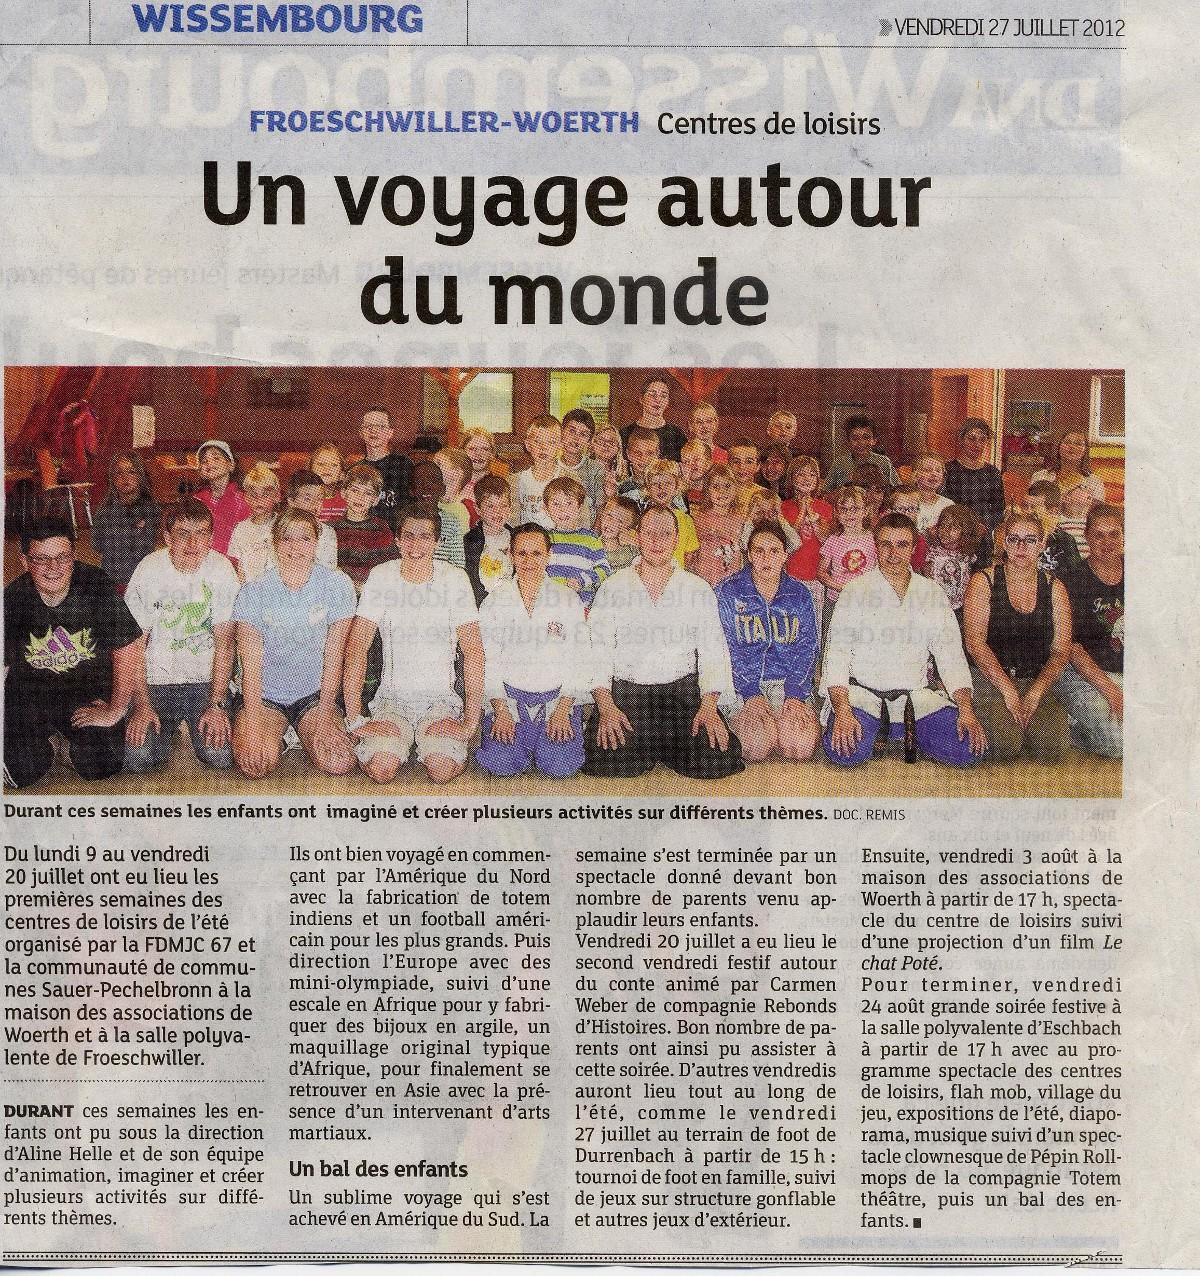 Article DNA Voyage autour du monde 27-07-12